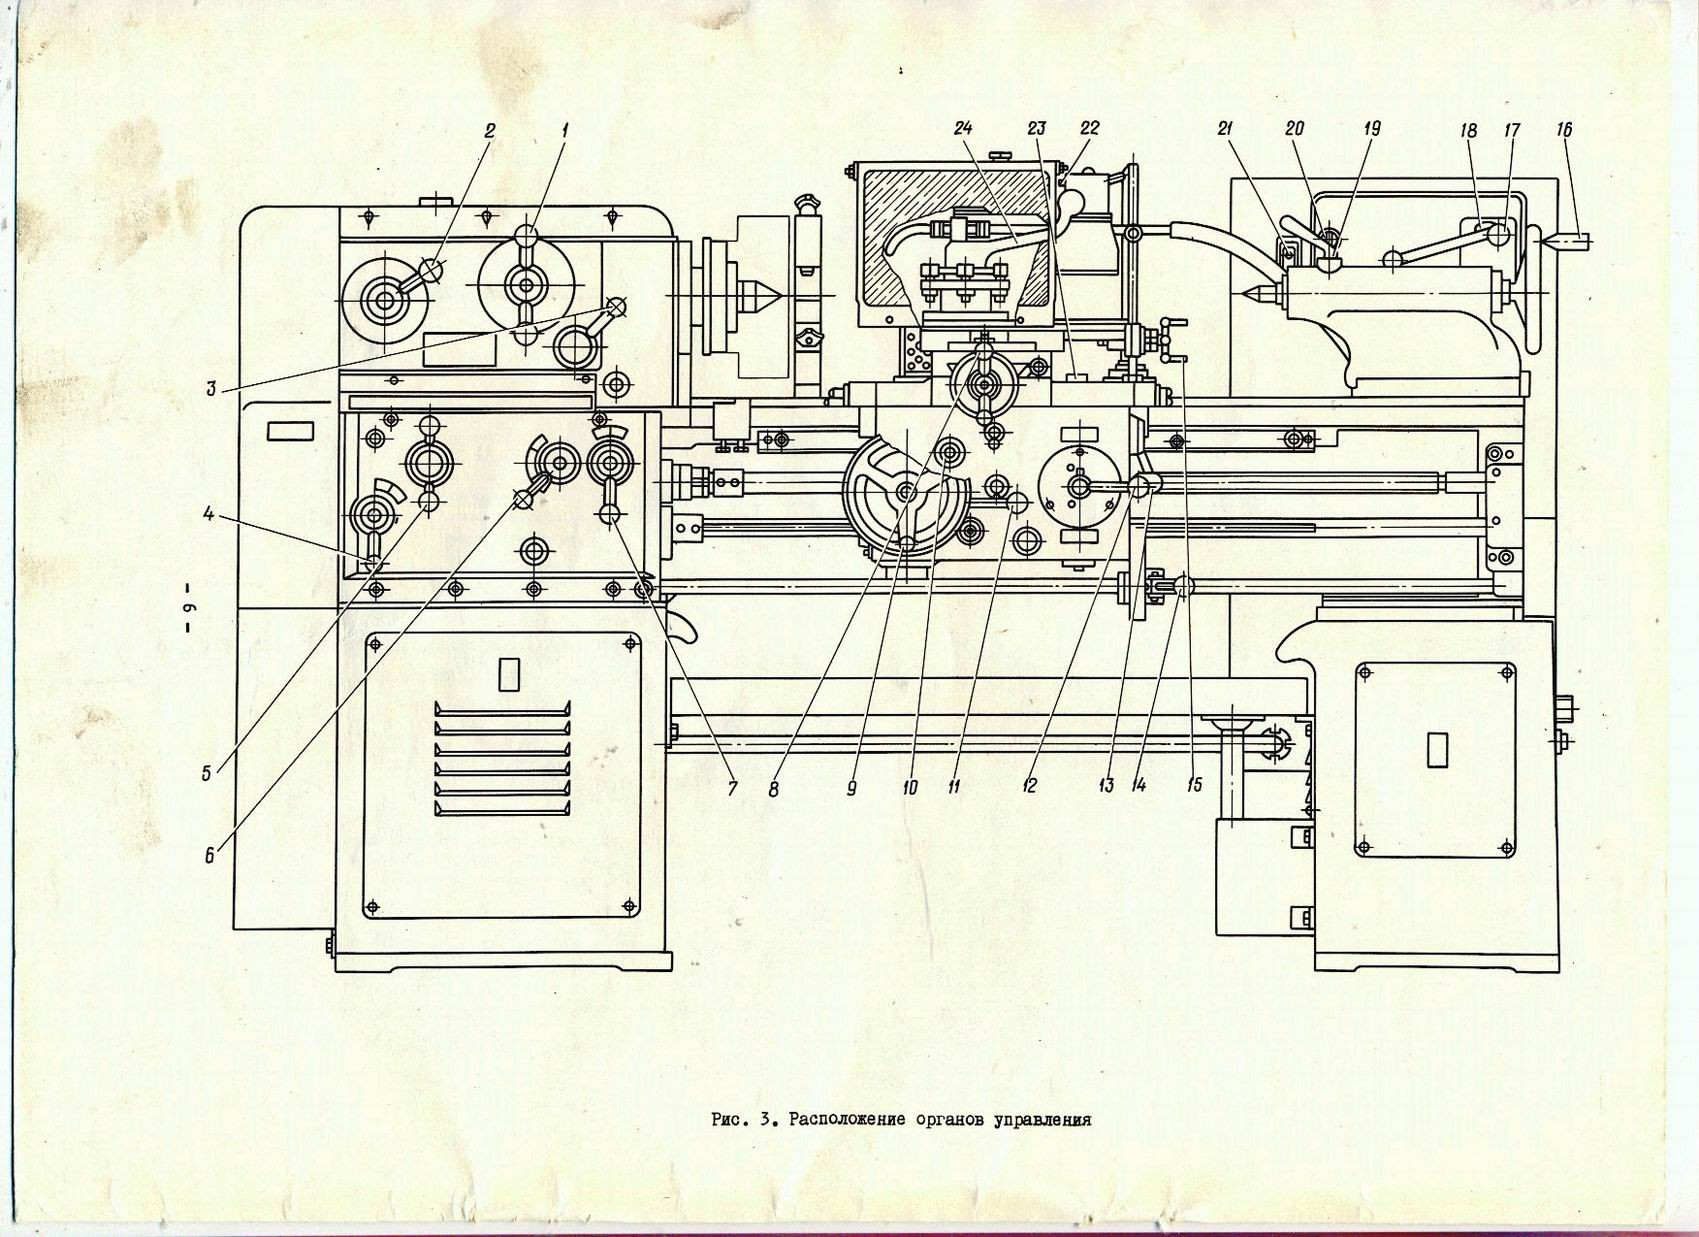 Универсальный токарно-винторезный станок  1м61, 1м61п - всё для чайников